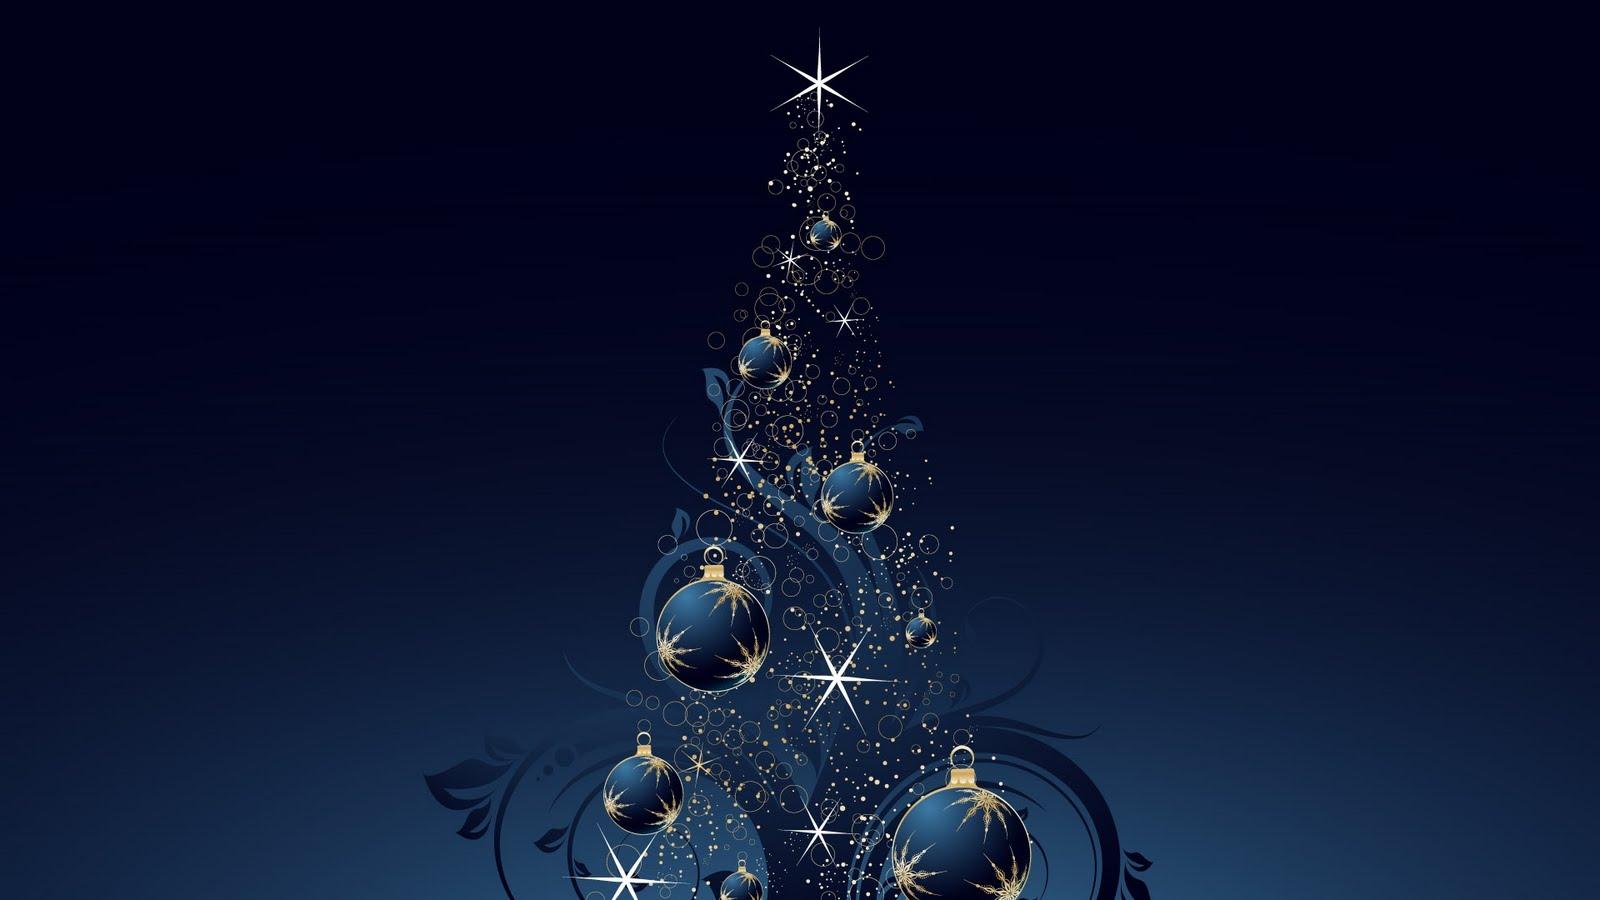 Wallpaper Gambar Pohon Natal